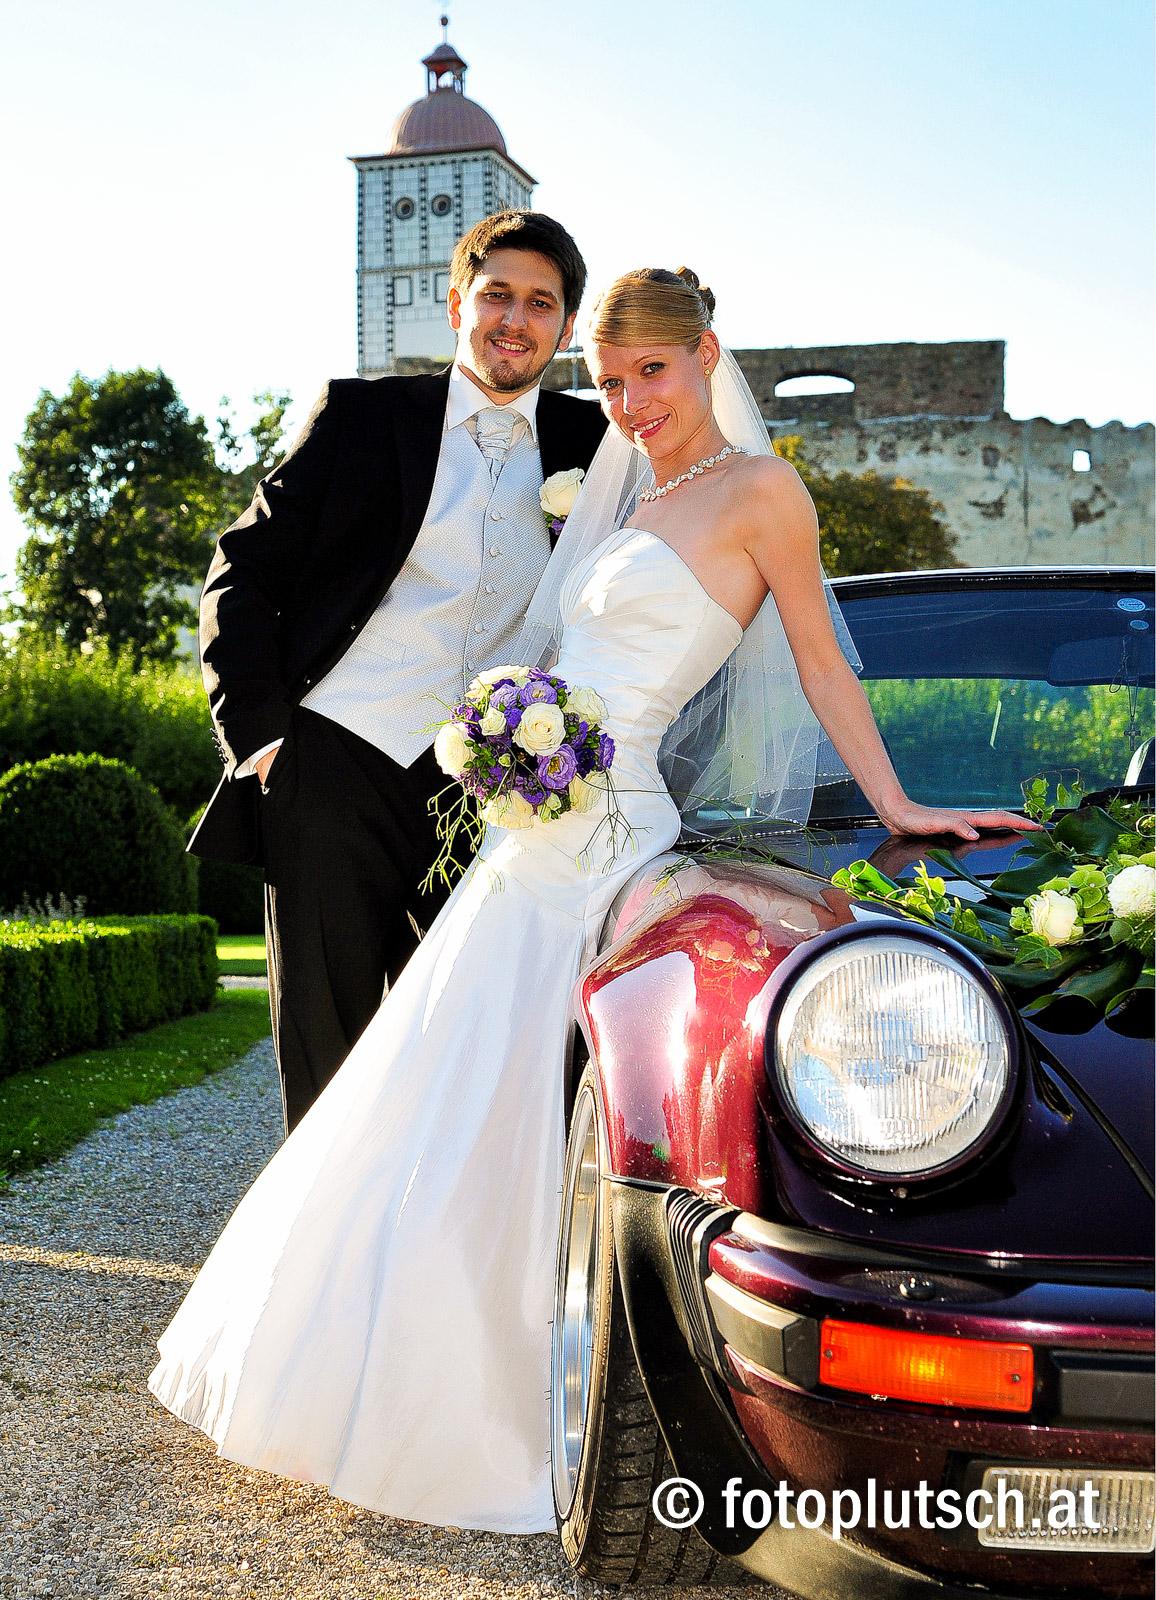 Heiraten in der Wachau Der schönste Tag im Leben soll Ihr Hochzeitstag sein! Keine andere Veranstaltung benötigt bereits während der Planung so viel Einfühlungsvermögen und Fingerspitzengefühl wie eine Hochzeitsfeier. Jede Hochzeitstafel bedarf einer persönlichen Note des Brautpaares, um bleibende Erinnerungen zu schaffen – einen Tag, der auch den Gästen im Gedächtnis bleibt. Mit langjähriger Erfahrung und dem richtigem Gespür für Ihr Fest der Feste stehen wir Ihnen zur Verfügung. Exakte Planung, professionelle Beratung bei allem, was Ihren Hochzeitstag betrifft, und das bereits erwähnte Fingerspitzengefühl sind uns sehr wichtig, um Ihnen einen wunderschönen Tag zu bescheren. Wir freuen uns, Ihre Anfrage entgegenzunehmen, beraten Sie und helfen Ihnen, Lösungen für alle eventuell auftauchenden Probleme zu finden. So können Sie Ihr Fest feiern, ohne auch nur einen Gedanken an die Organisation zu verschwenden. DIE HIGHLIGHTS: Maria Taferl – ein romantischer Ort zum Heiraten Die prächtige Basilika Der herrliche Ausblick ins Donautal Das Hotel mit seinen Panoramarestaurants Der 10.000 m² große Panoramapark, exklusiv für unsere Gäste Unsere ausgezeichnete Küche (1 Gault-Millau-Haube) Von 2 bis 200 Personen – wir haben die passenden Räumlichkeiten! Nächtigungsmöglichkeit und Katerfrühstück für Brautpaar und Gäste